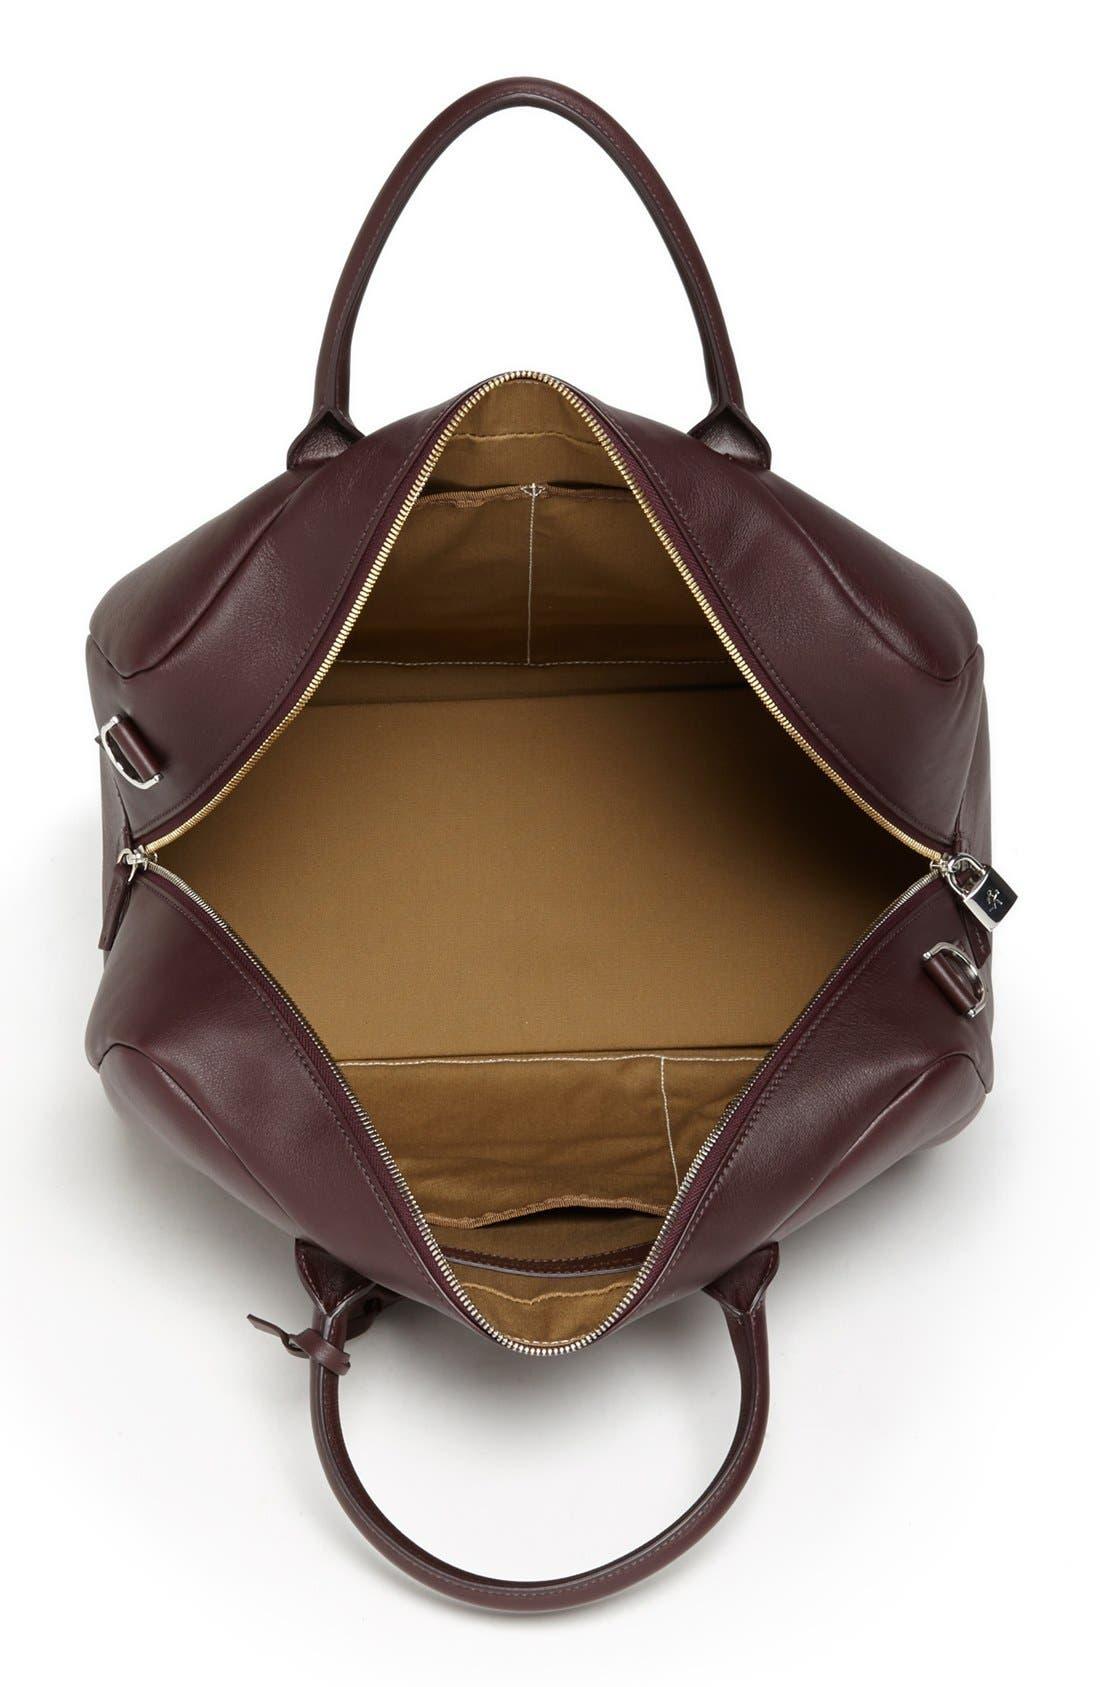 Alternate Image 3  - WANT Les Essentiels de la Vie 'Douglas' Leather Carryall Bag